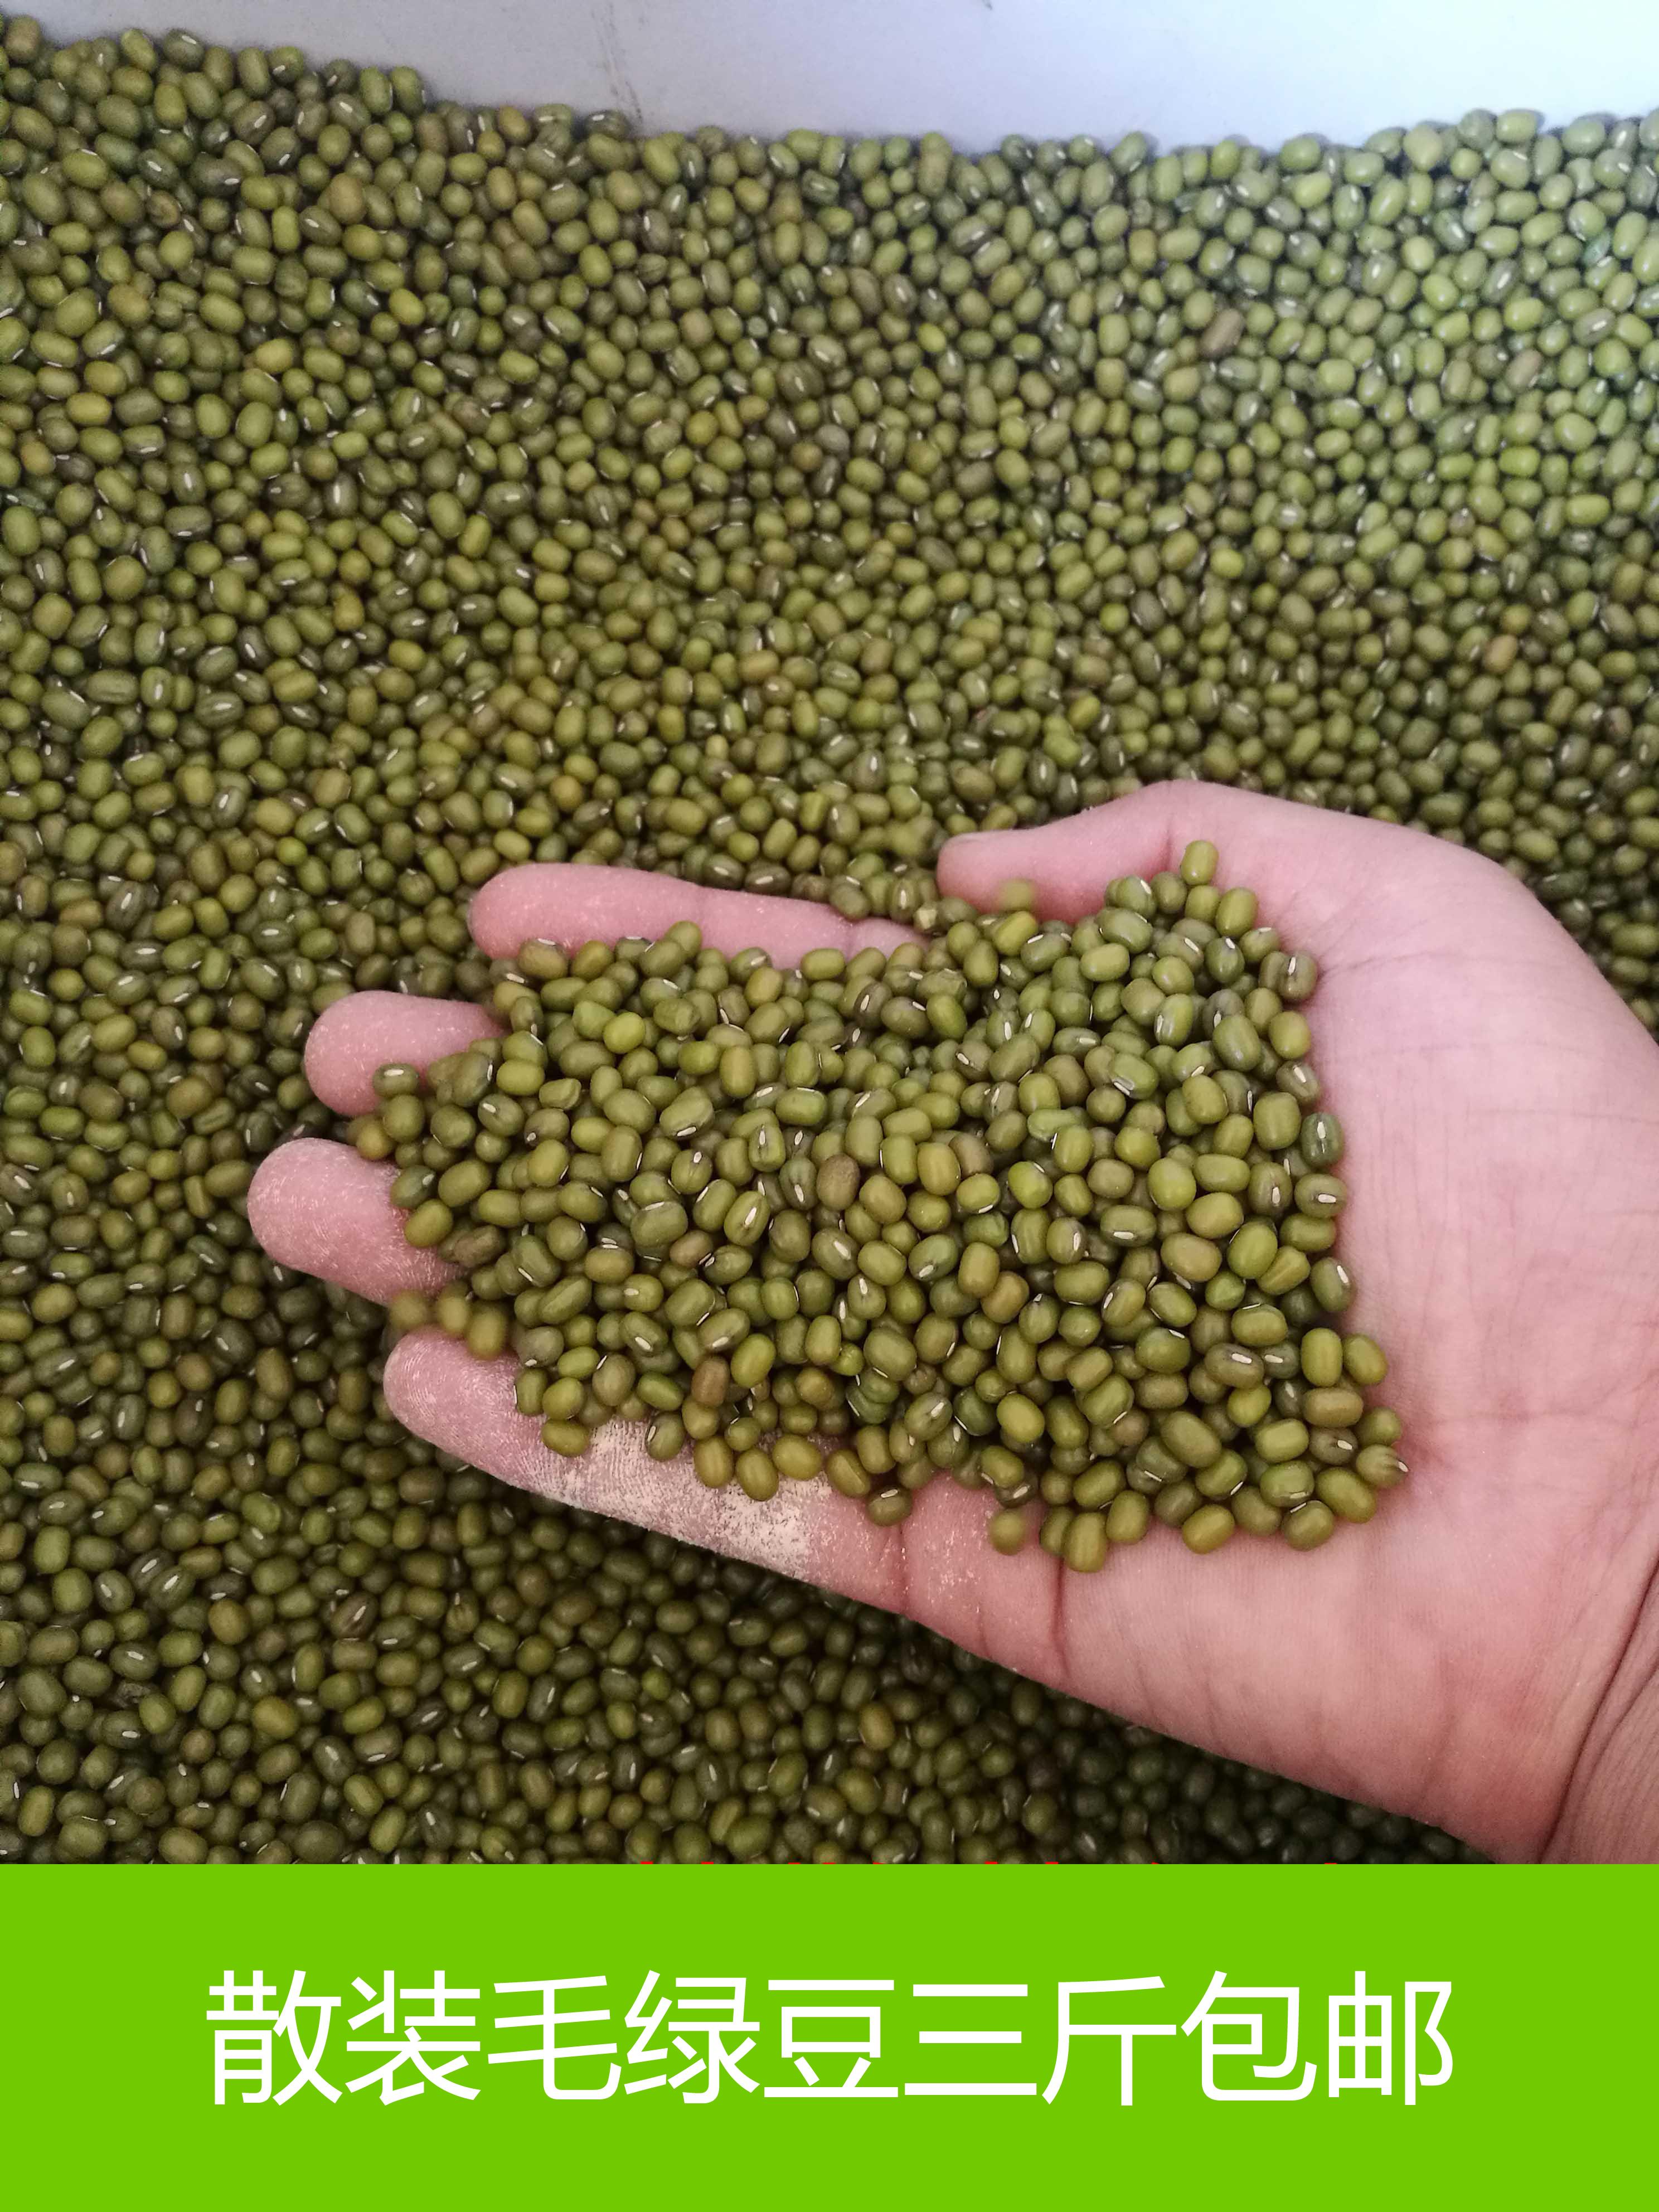 山东泗水 绿豆散装 农家自产自销毛绿豆 散装三斤包11-17新券